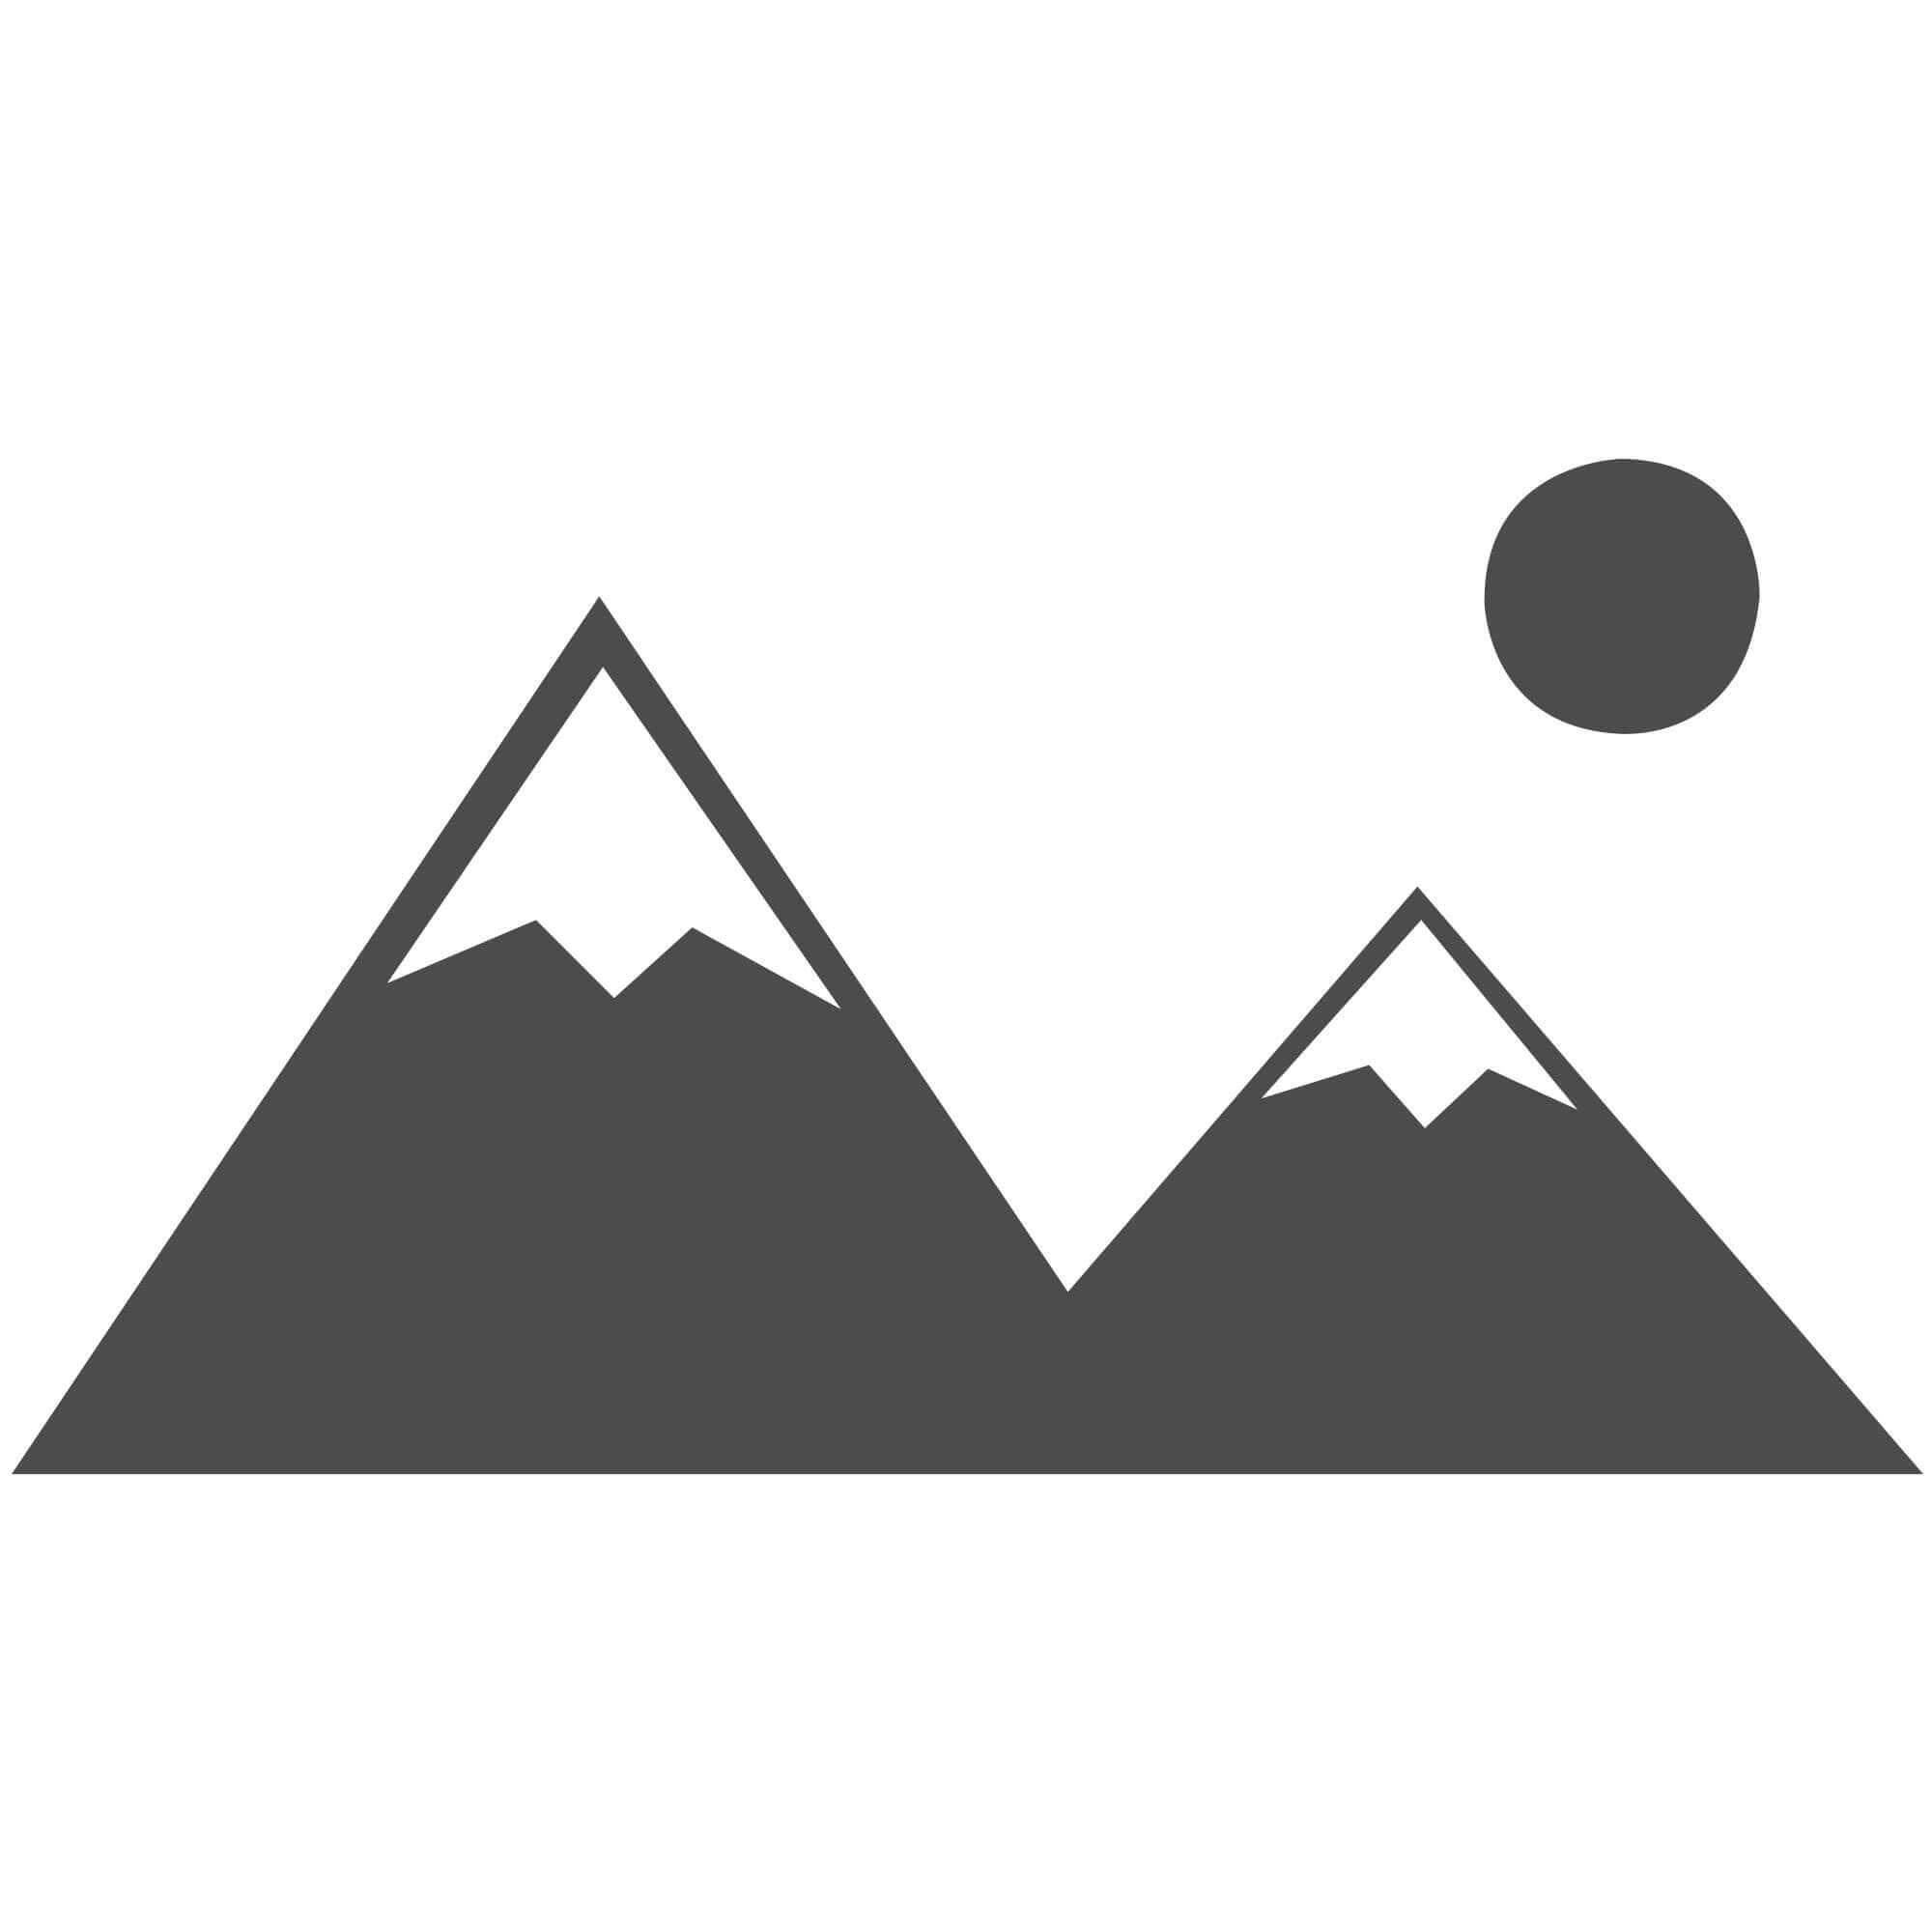 Velvet Shaggy Rug - Silver - Size Runner 60 x 230 cm